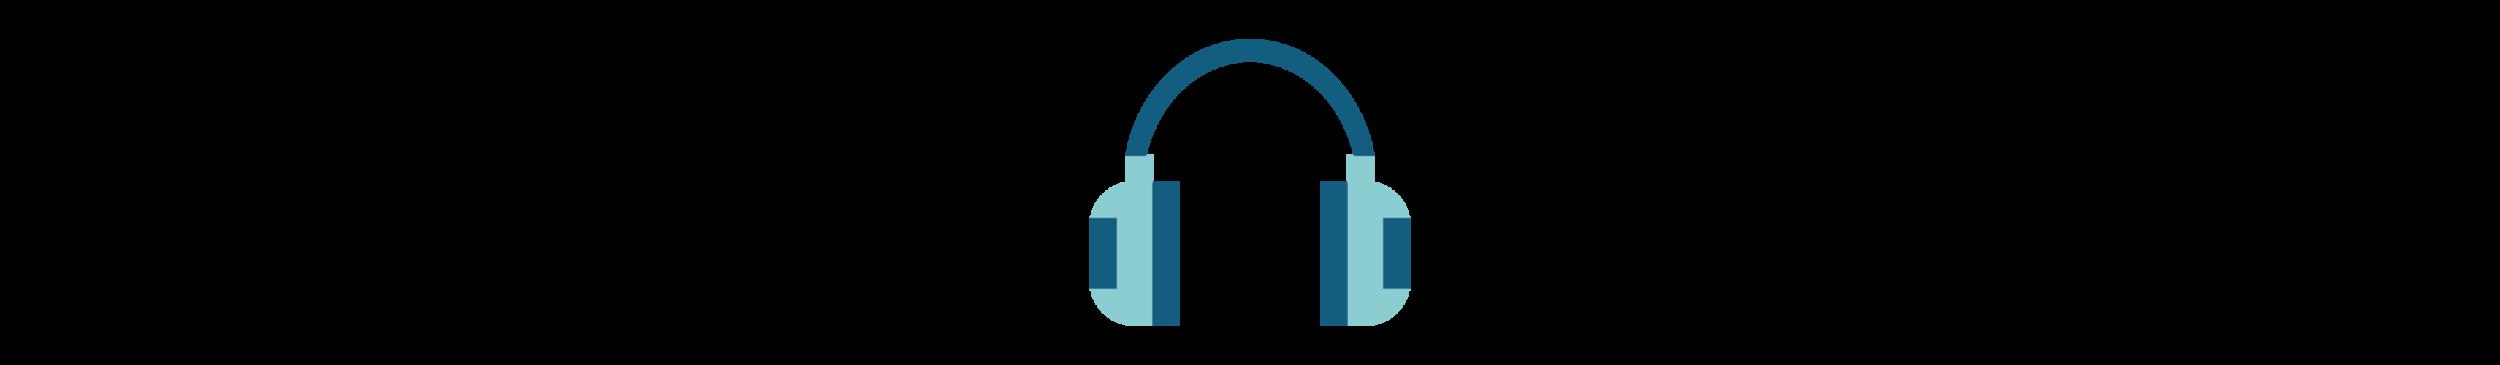 headphones2.png